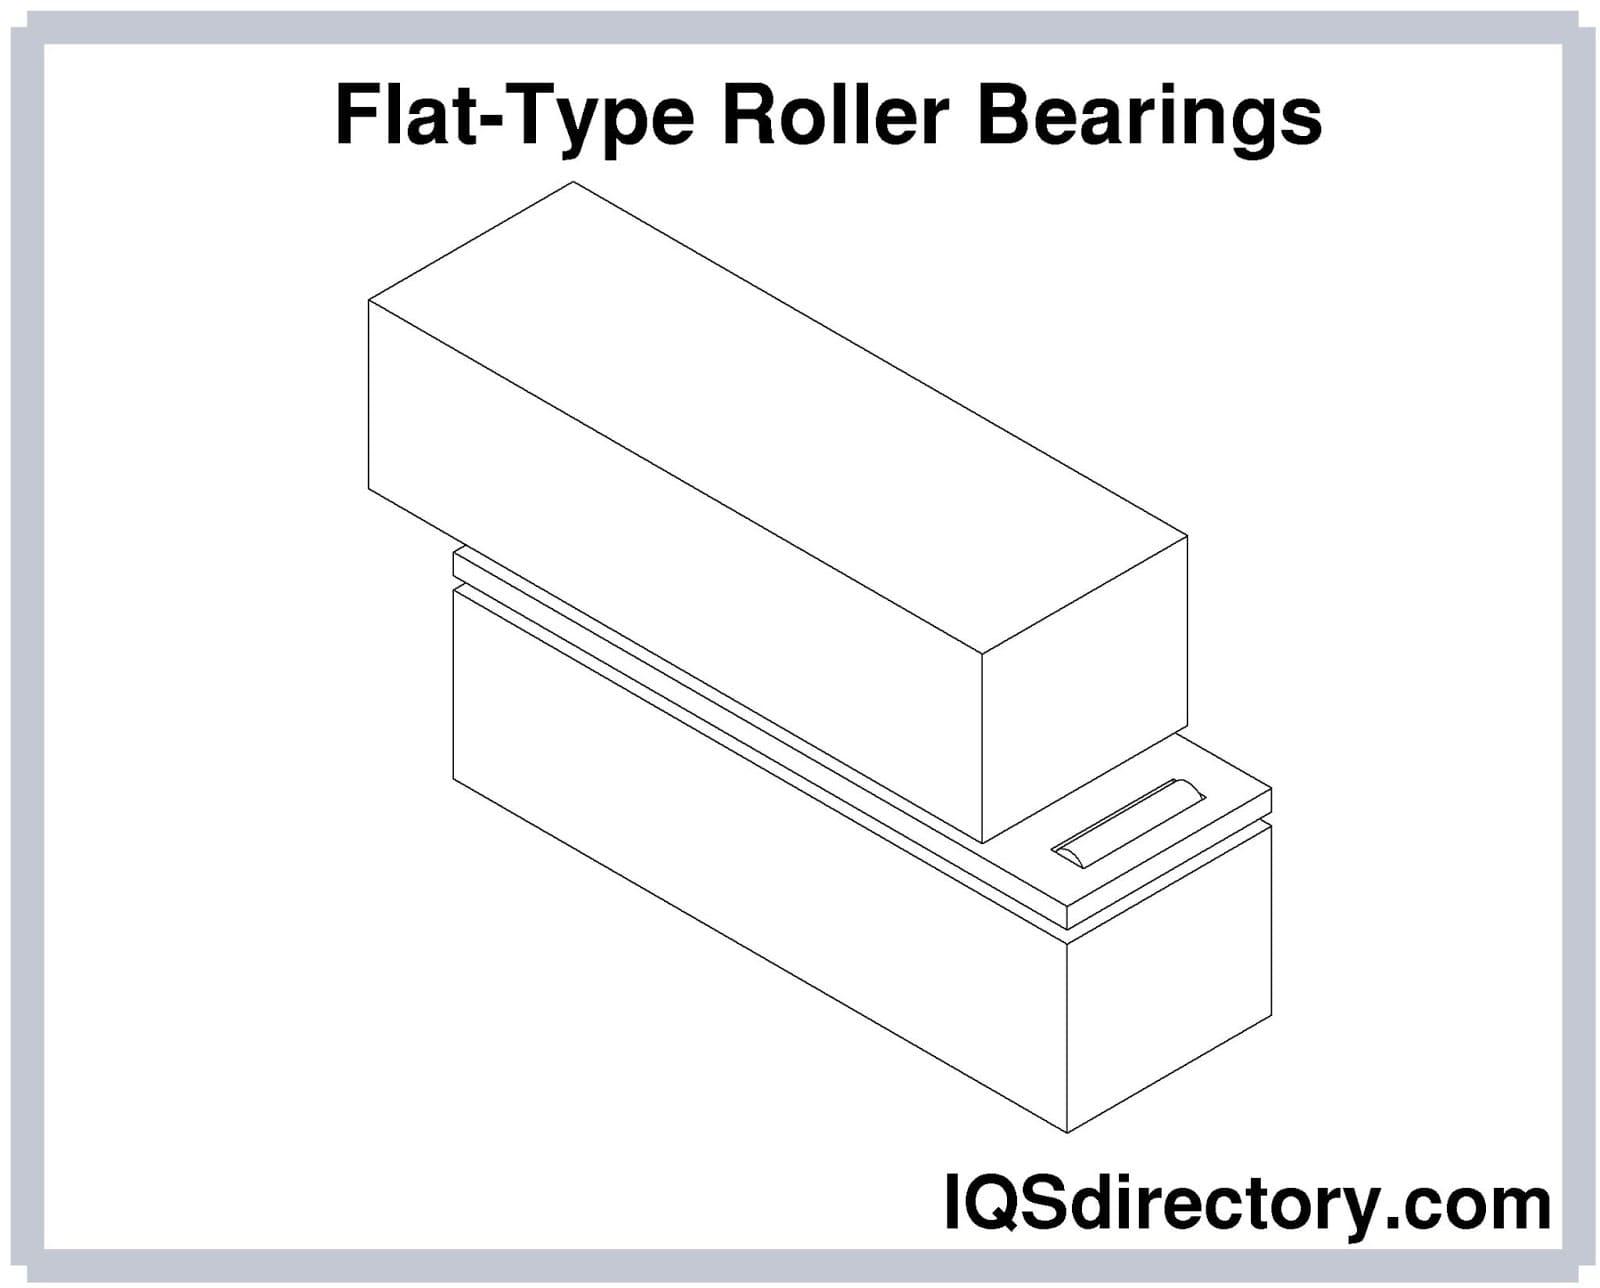 Flat-Type Roller Bearings